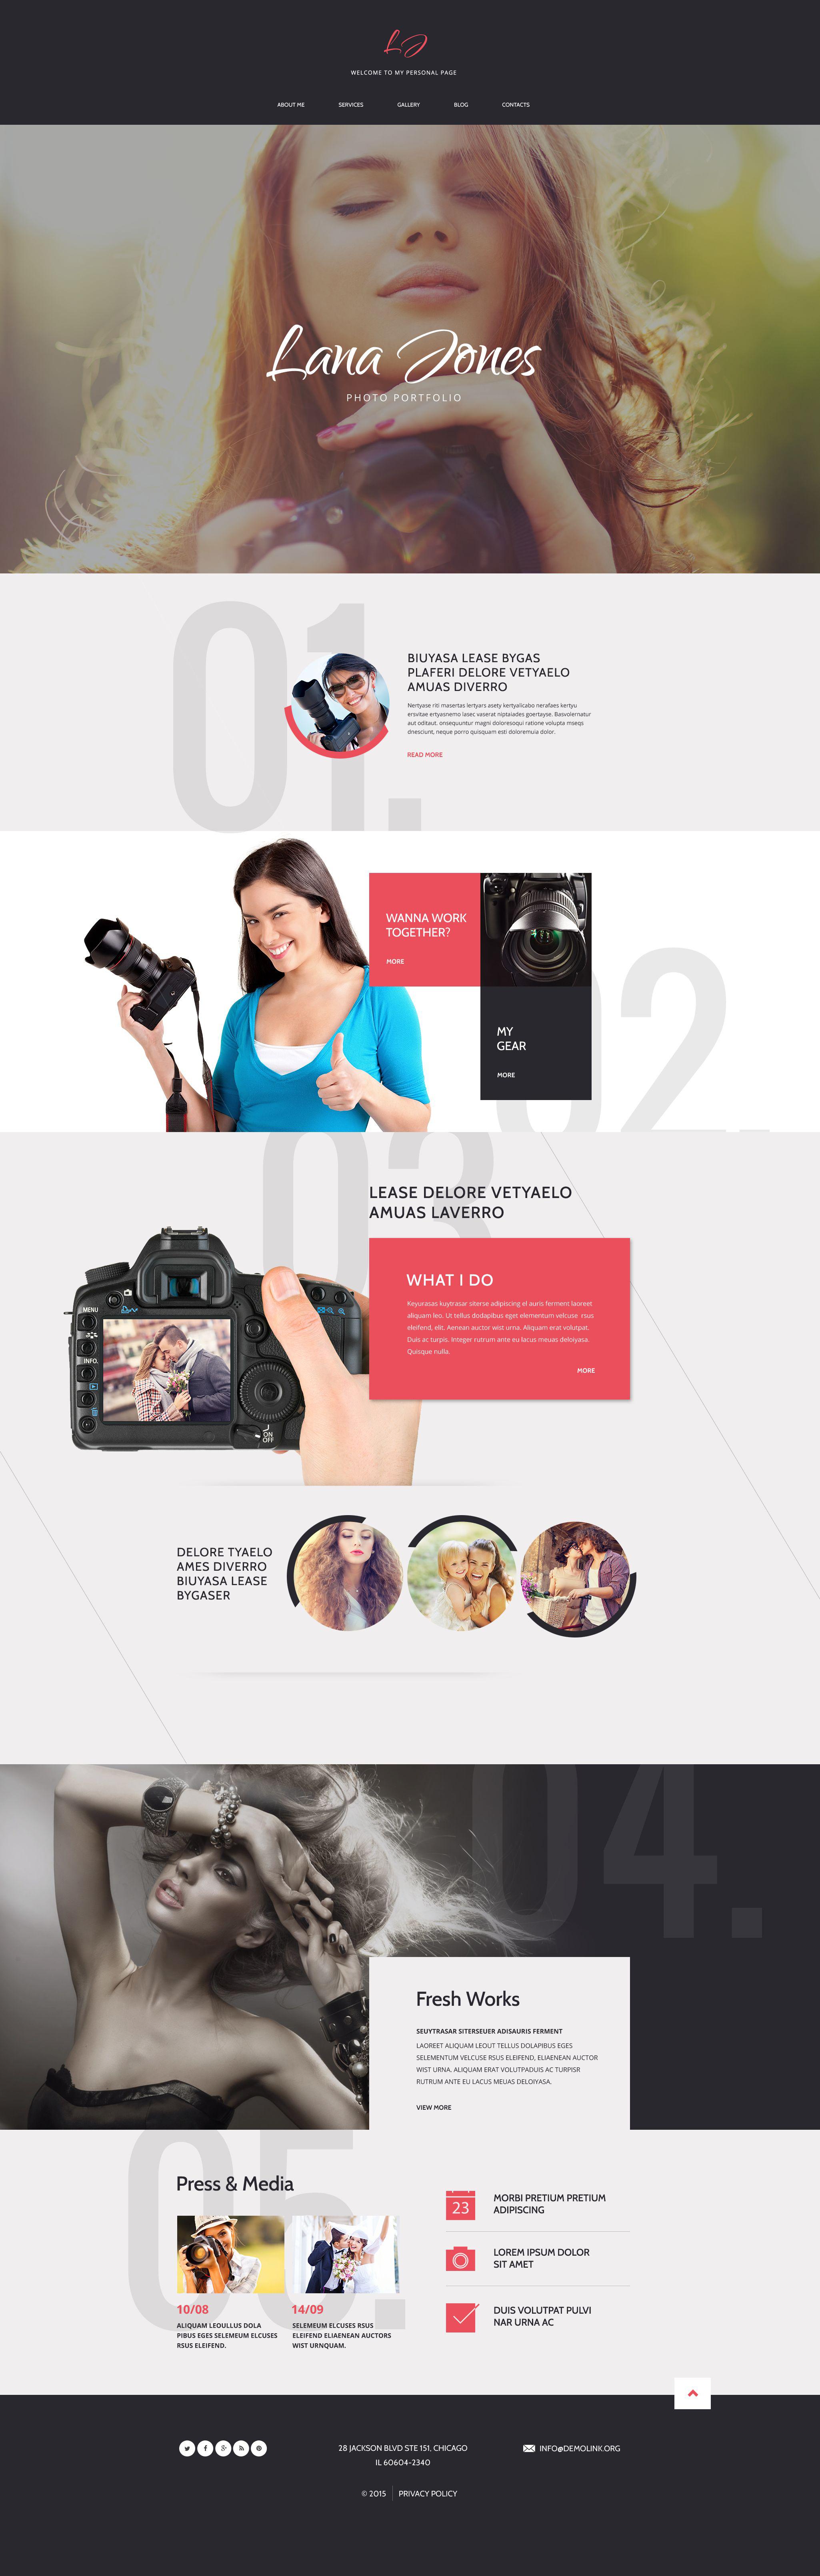 Адаптивний Drupal шаблон на тему портфоліо фотографа  №54832 - скріншот